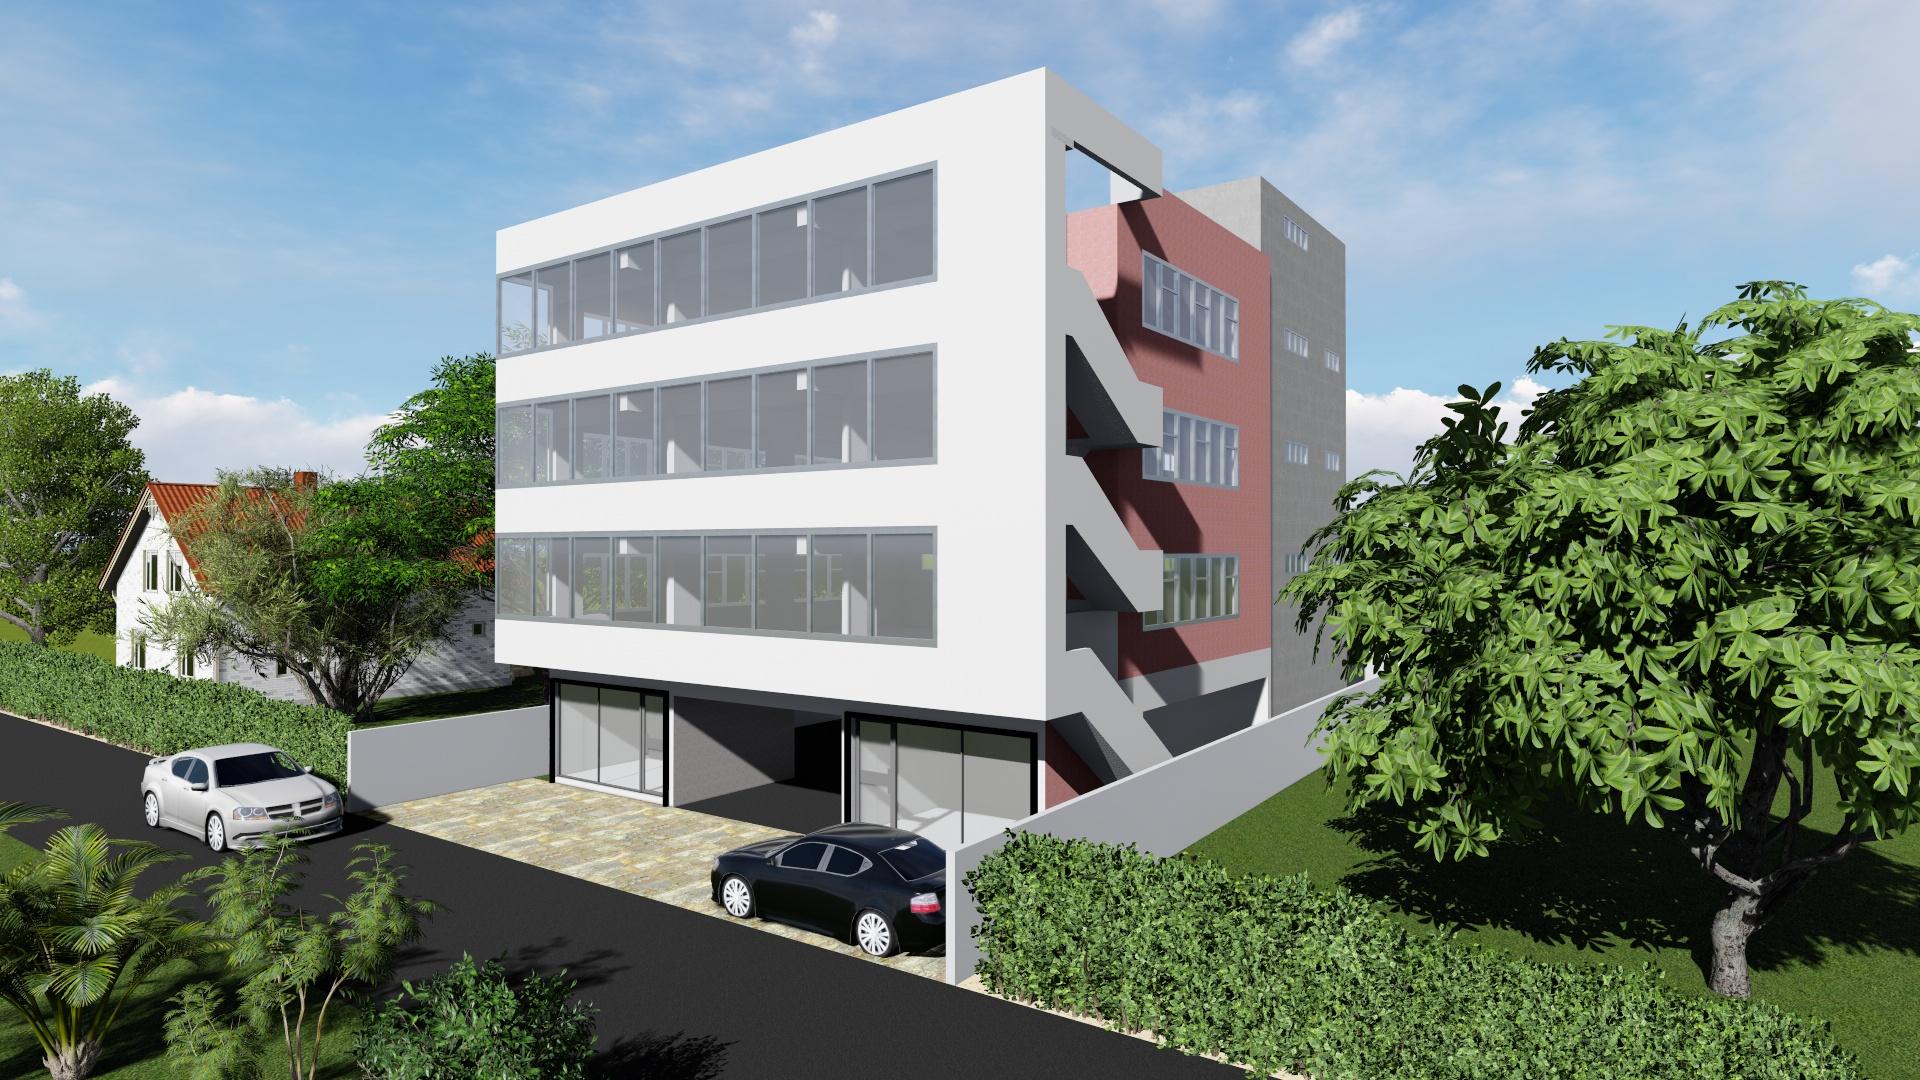 Office spaces for rent in Quatre Bornes